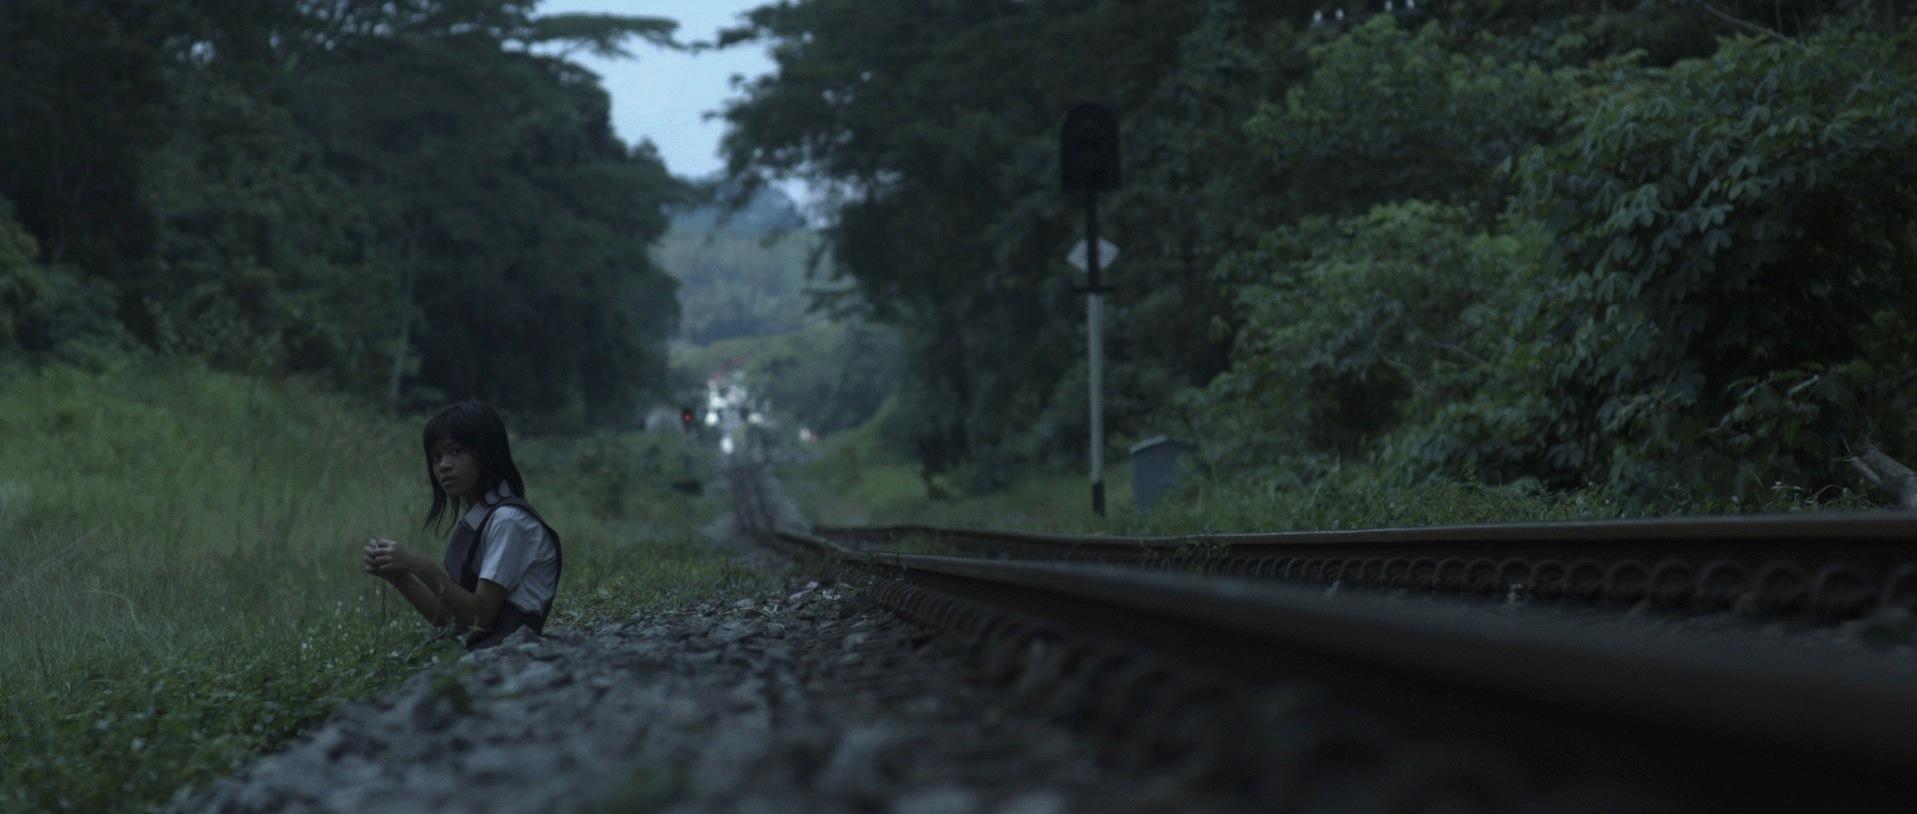 Still 3 - train tracks.jpg